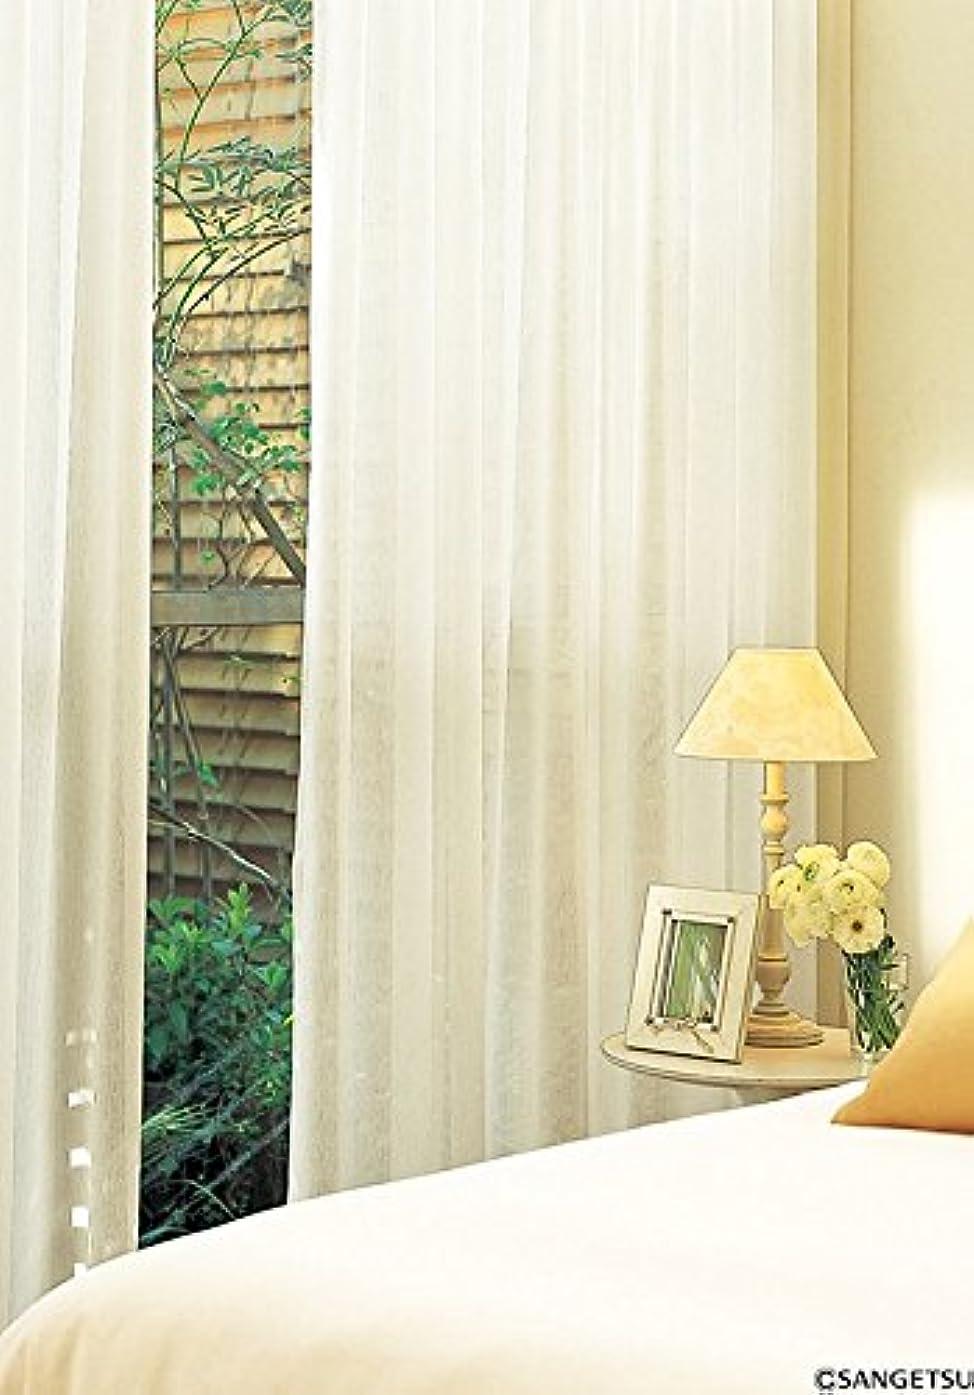 の量さわやか決してサンゲツ やわらかい風合いのシアーカーテン カーテン2.5倍ヒダ SC3780 幅:100cm ×丈:160cm (2枚組)オーダーカーテン